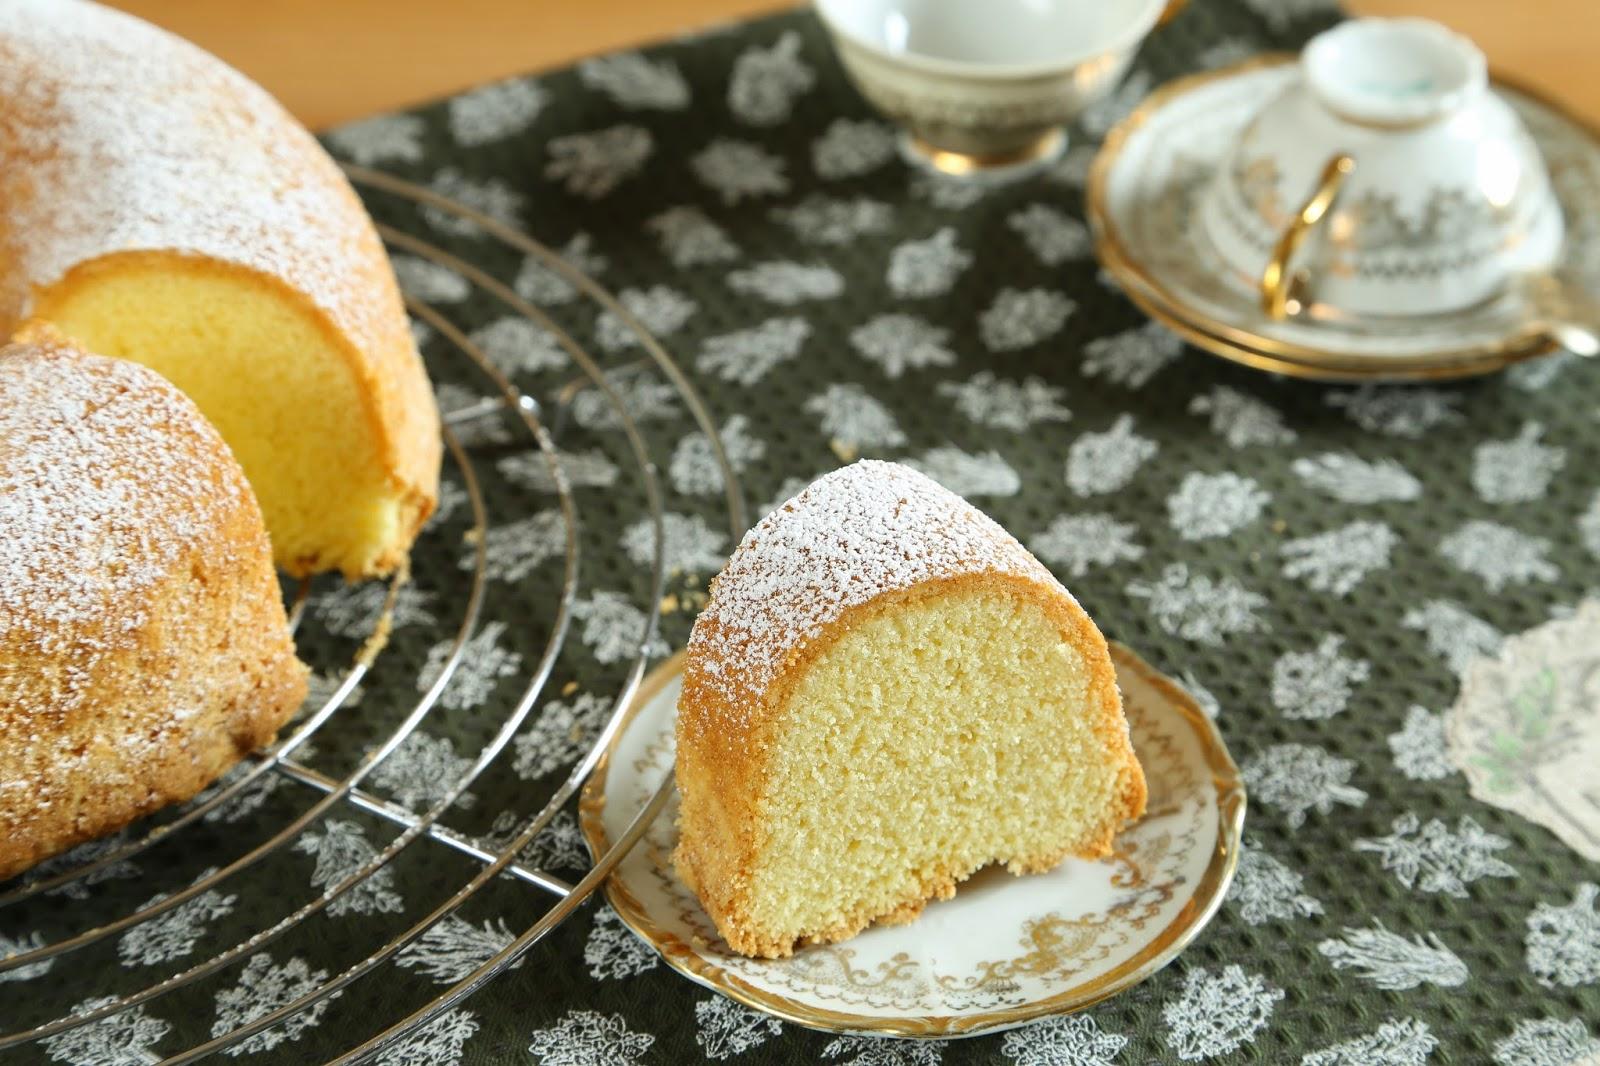 Dolci Da Credenza Iginio Massari : Pensieri fuori dal coro mini cake con mascarpone al cioccolato e